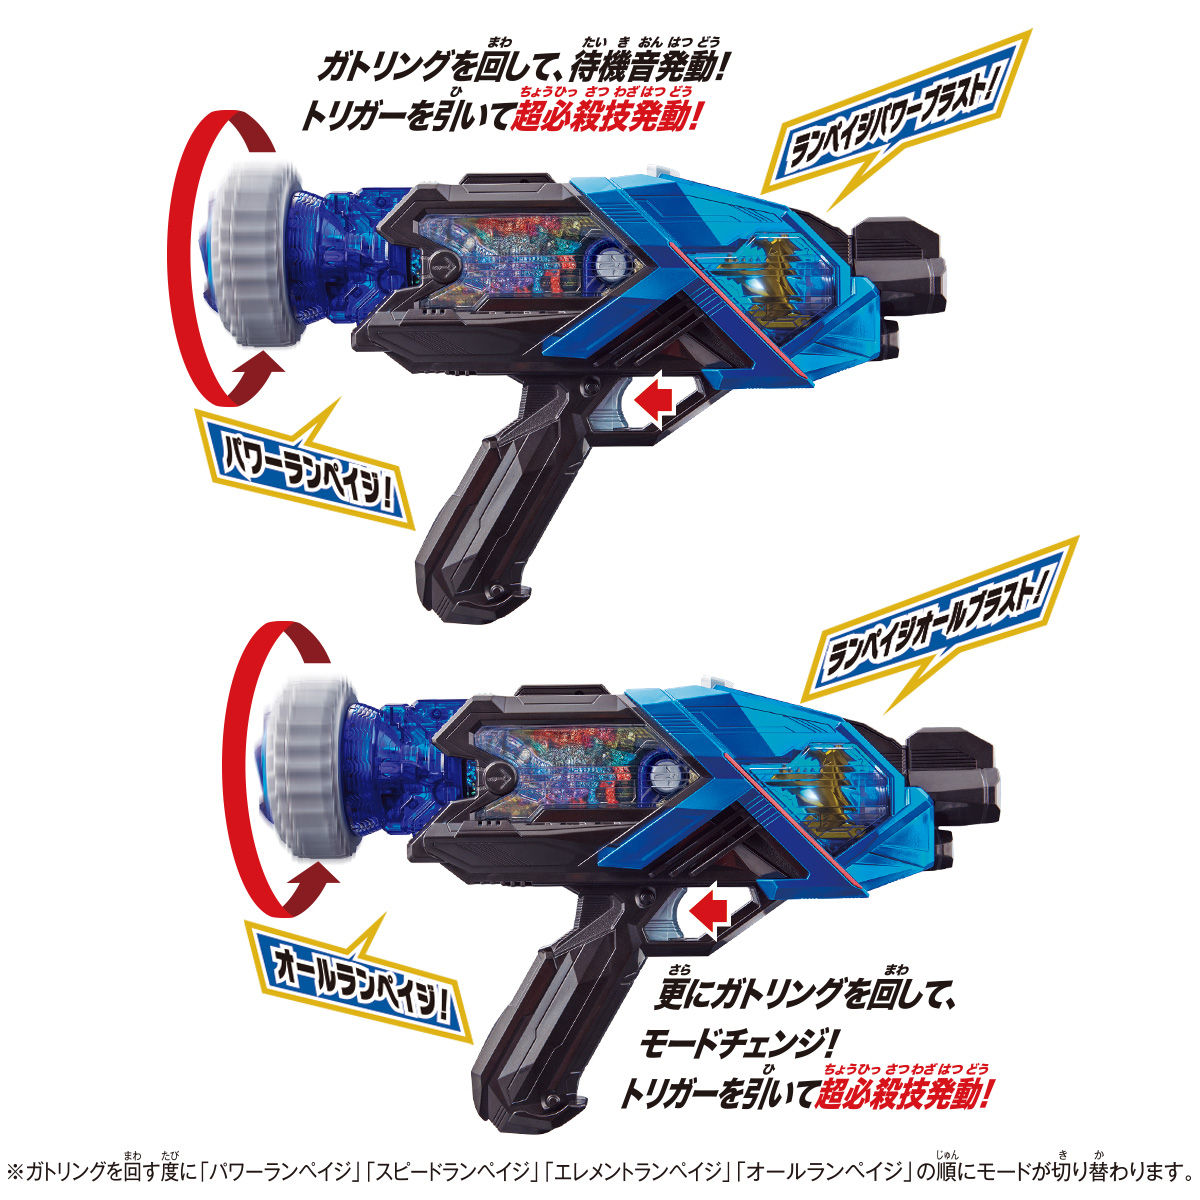 仮面ライダーゼロワン『DXランペイジガトリングプログライズキー』変身なりきり-005